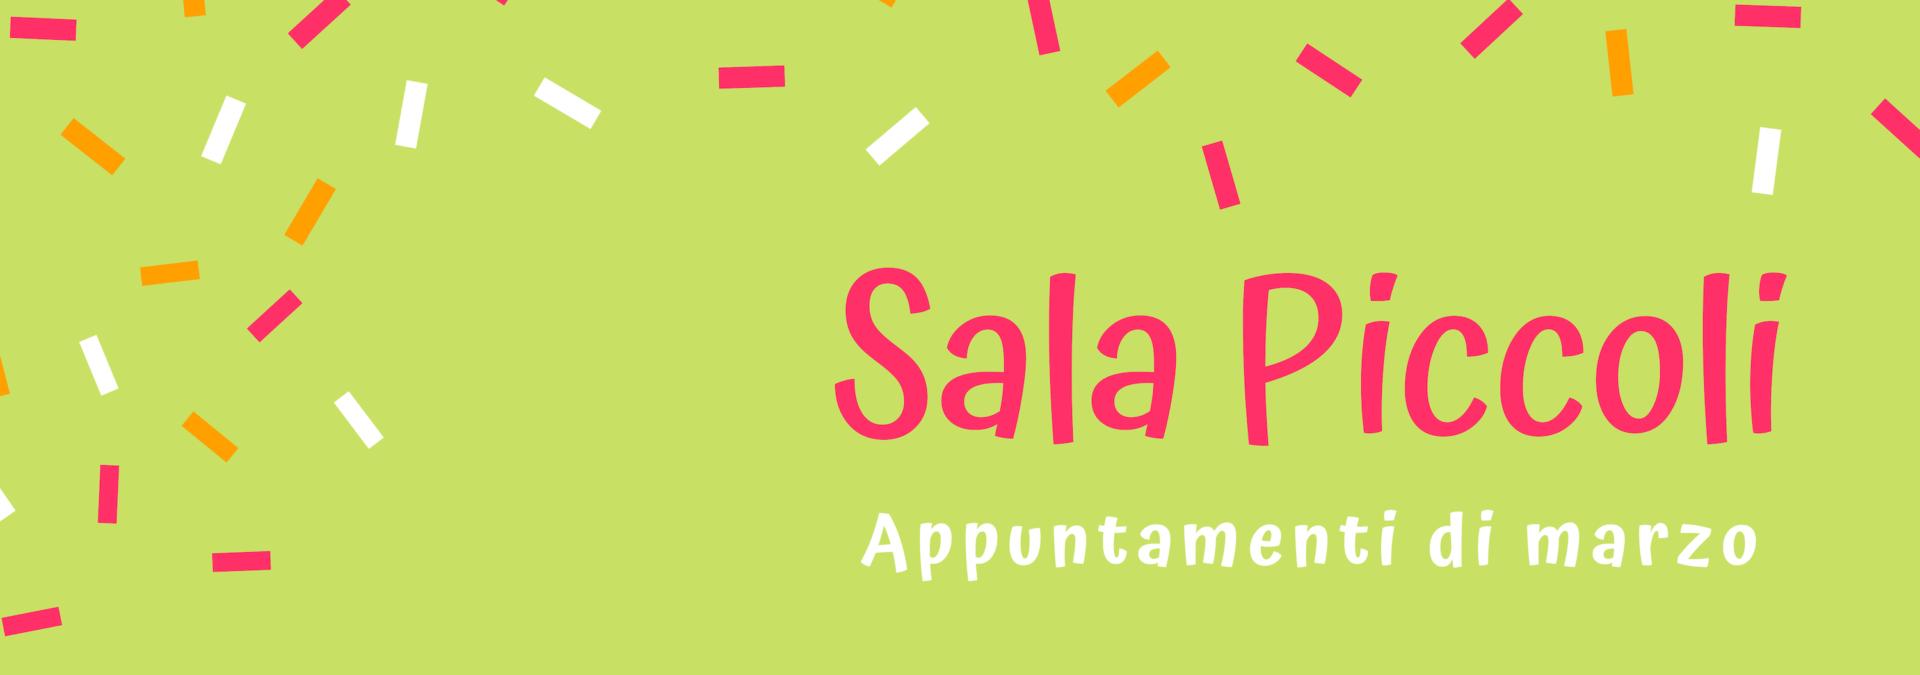 Appuntamenti di marzo in Sala Piccoli